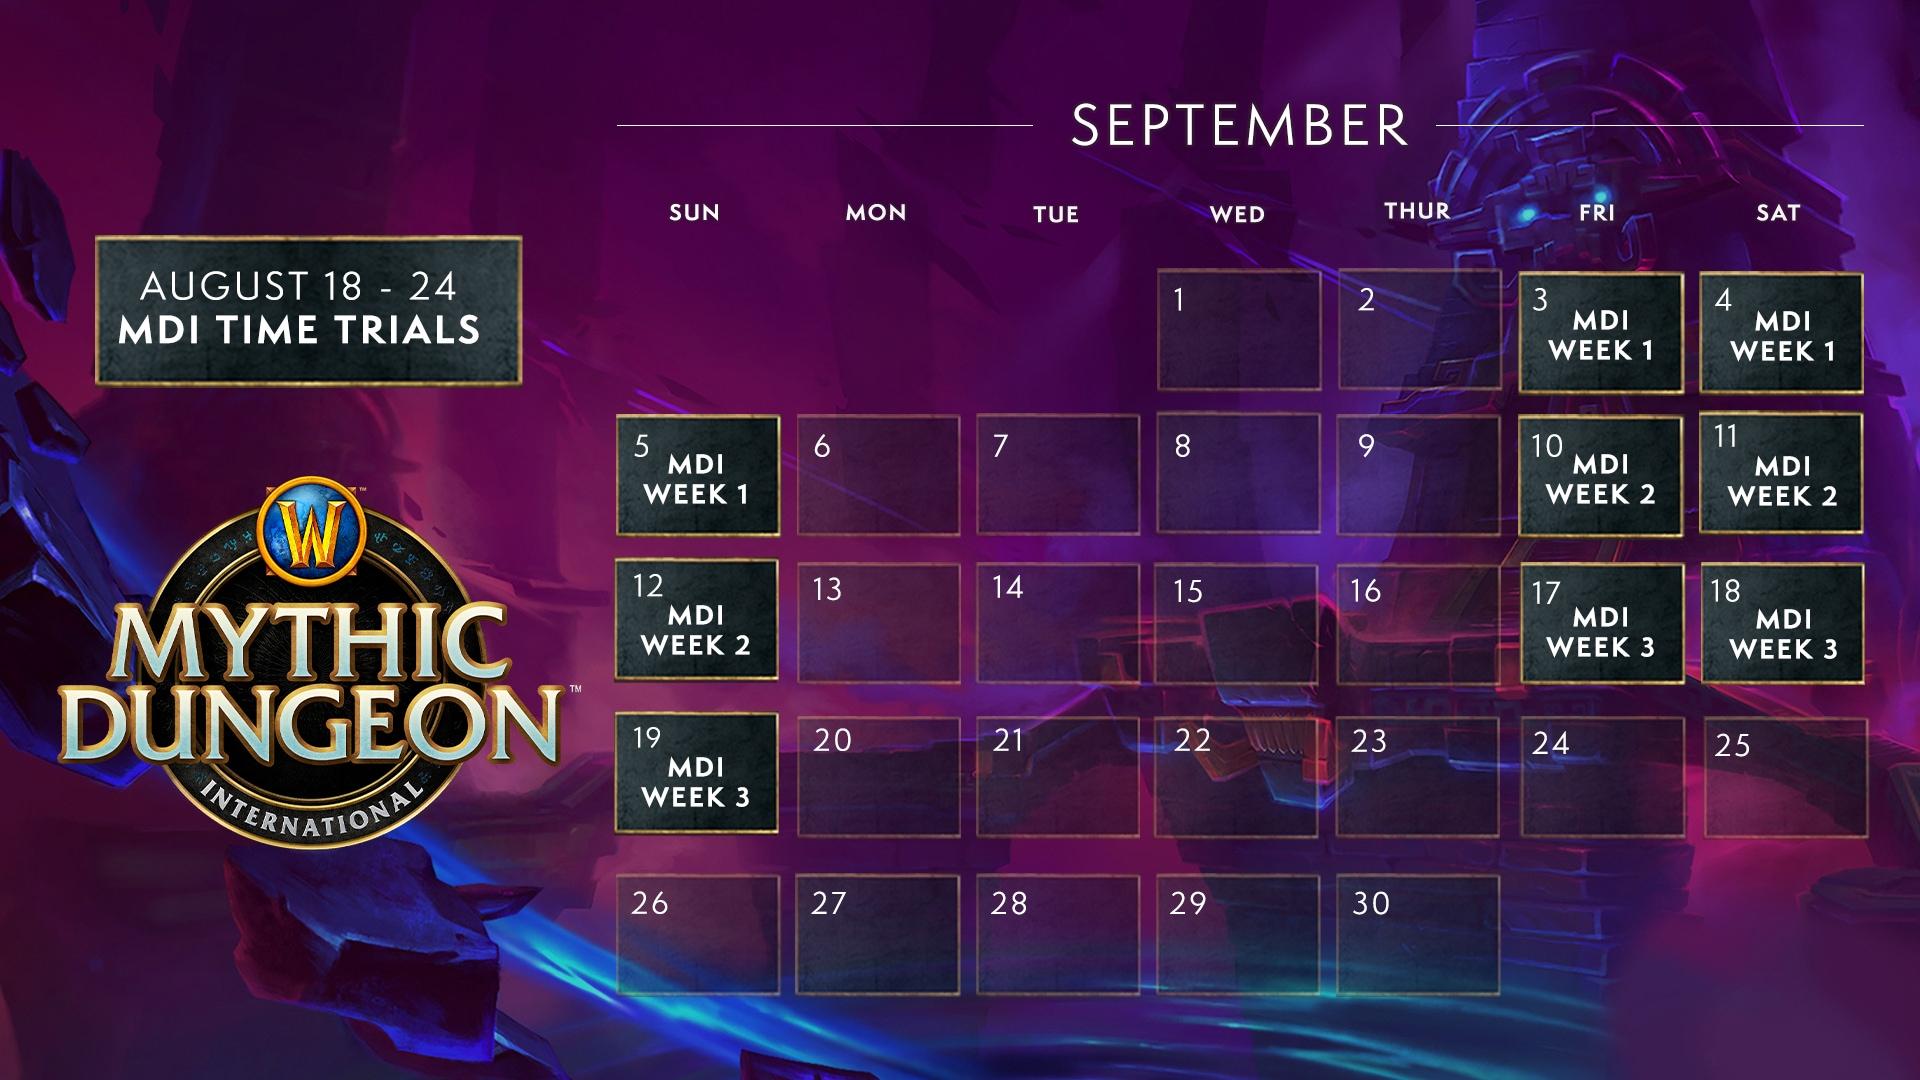 MDI-Sept_Schedule_1920x1080 (1).jpg